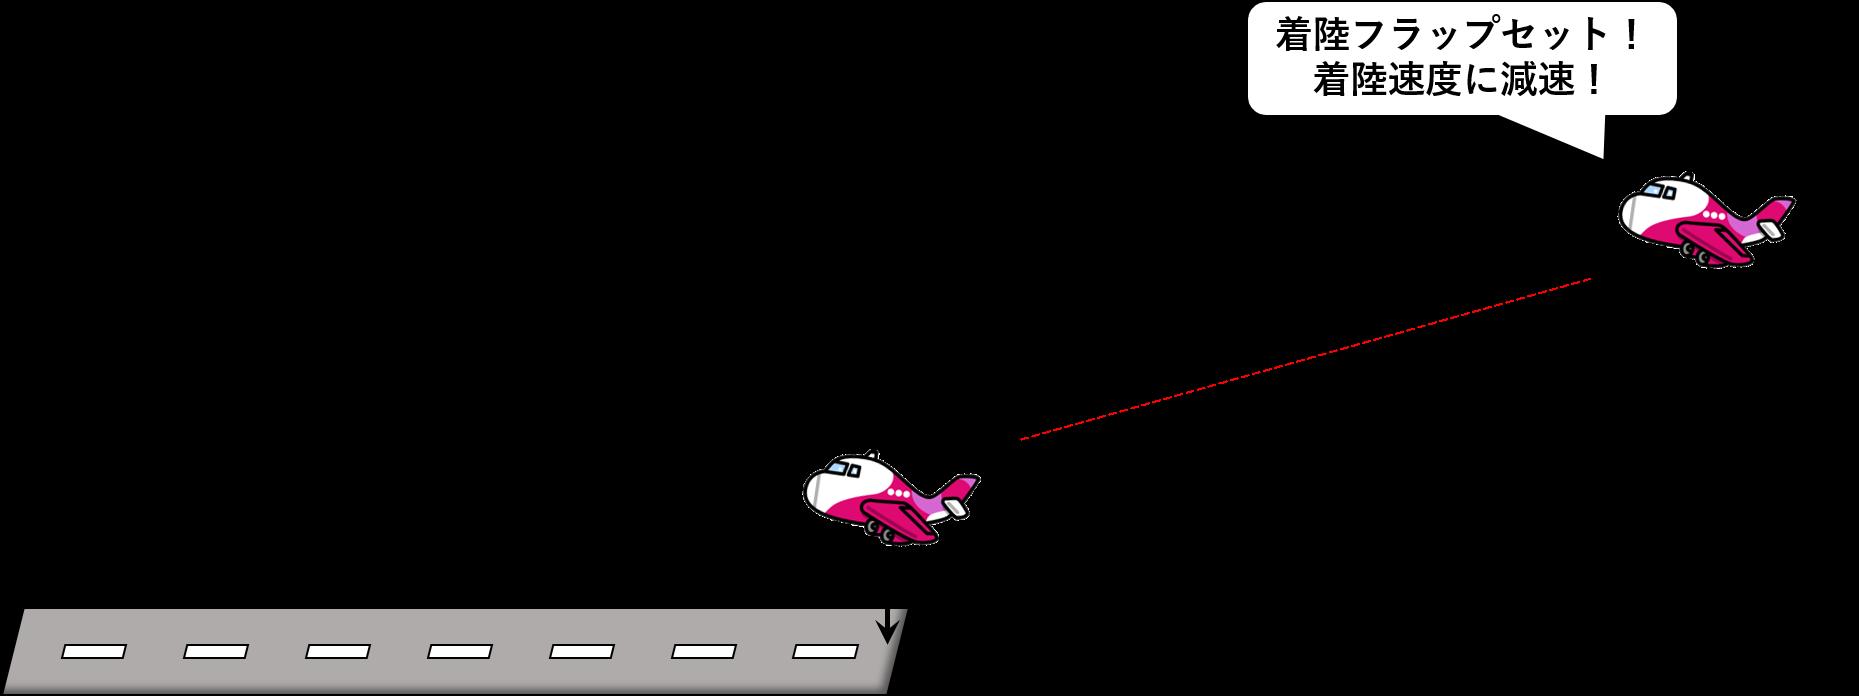 着陸する飛行機と着陸速度のイメージ図